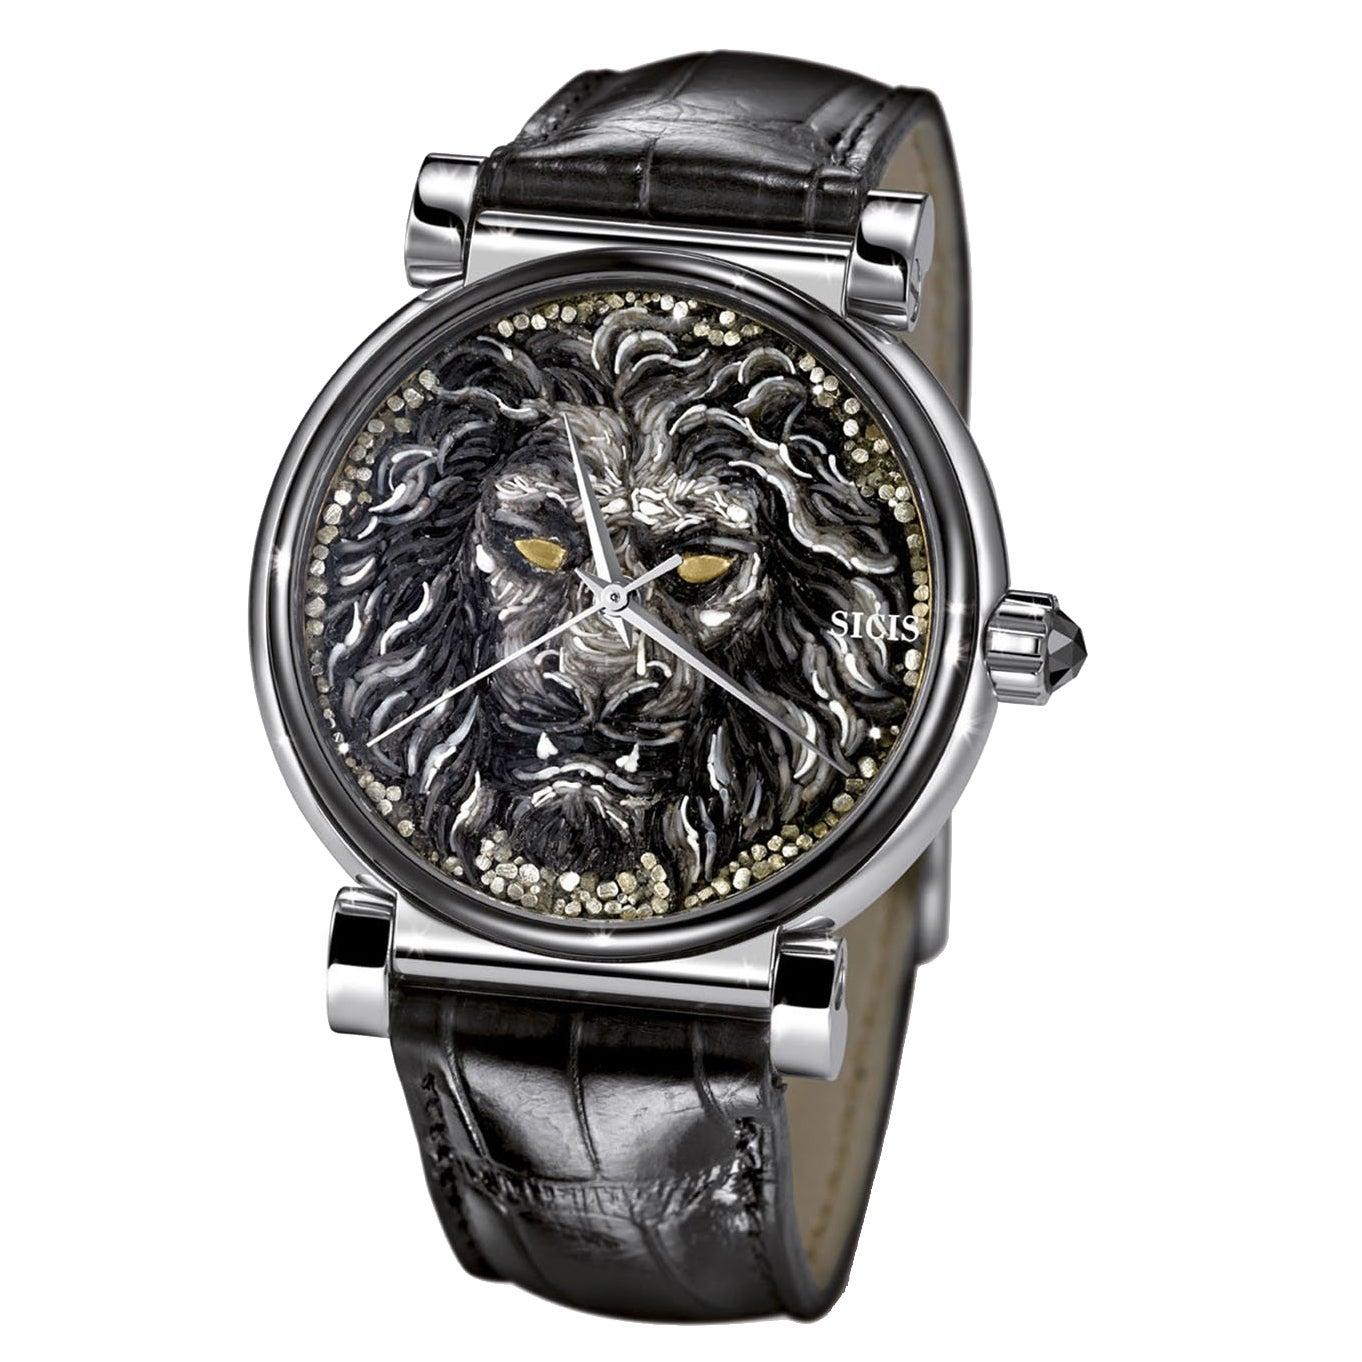 Stylish Automatic Wristwatch White Gold Black Diamond Alligator Strap NanoMosaic